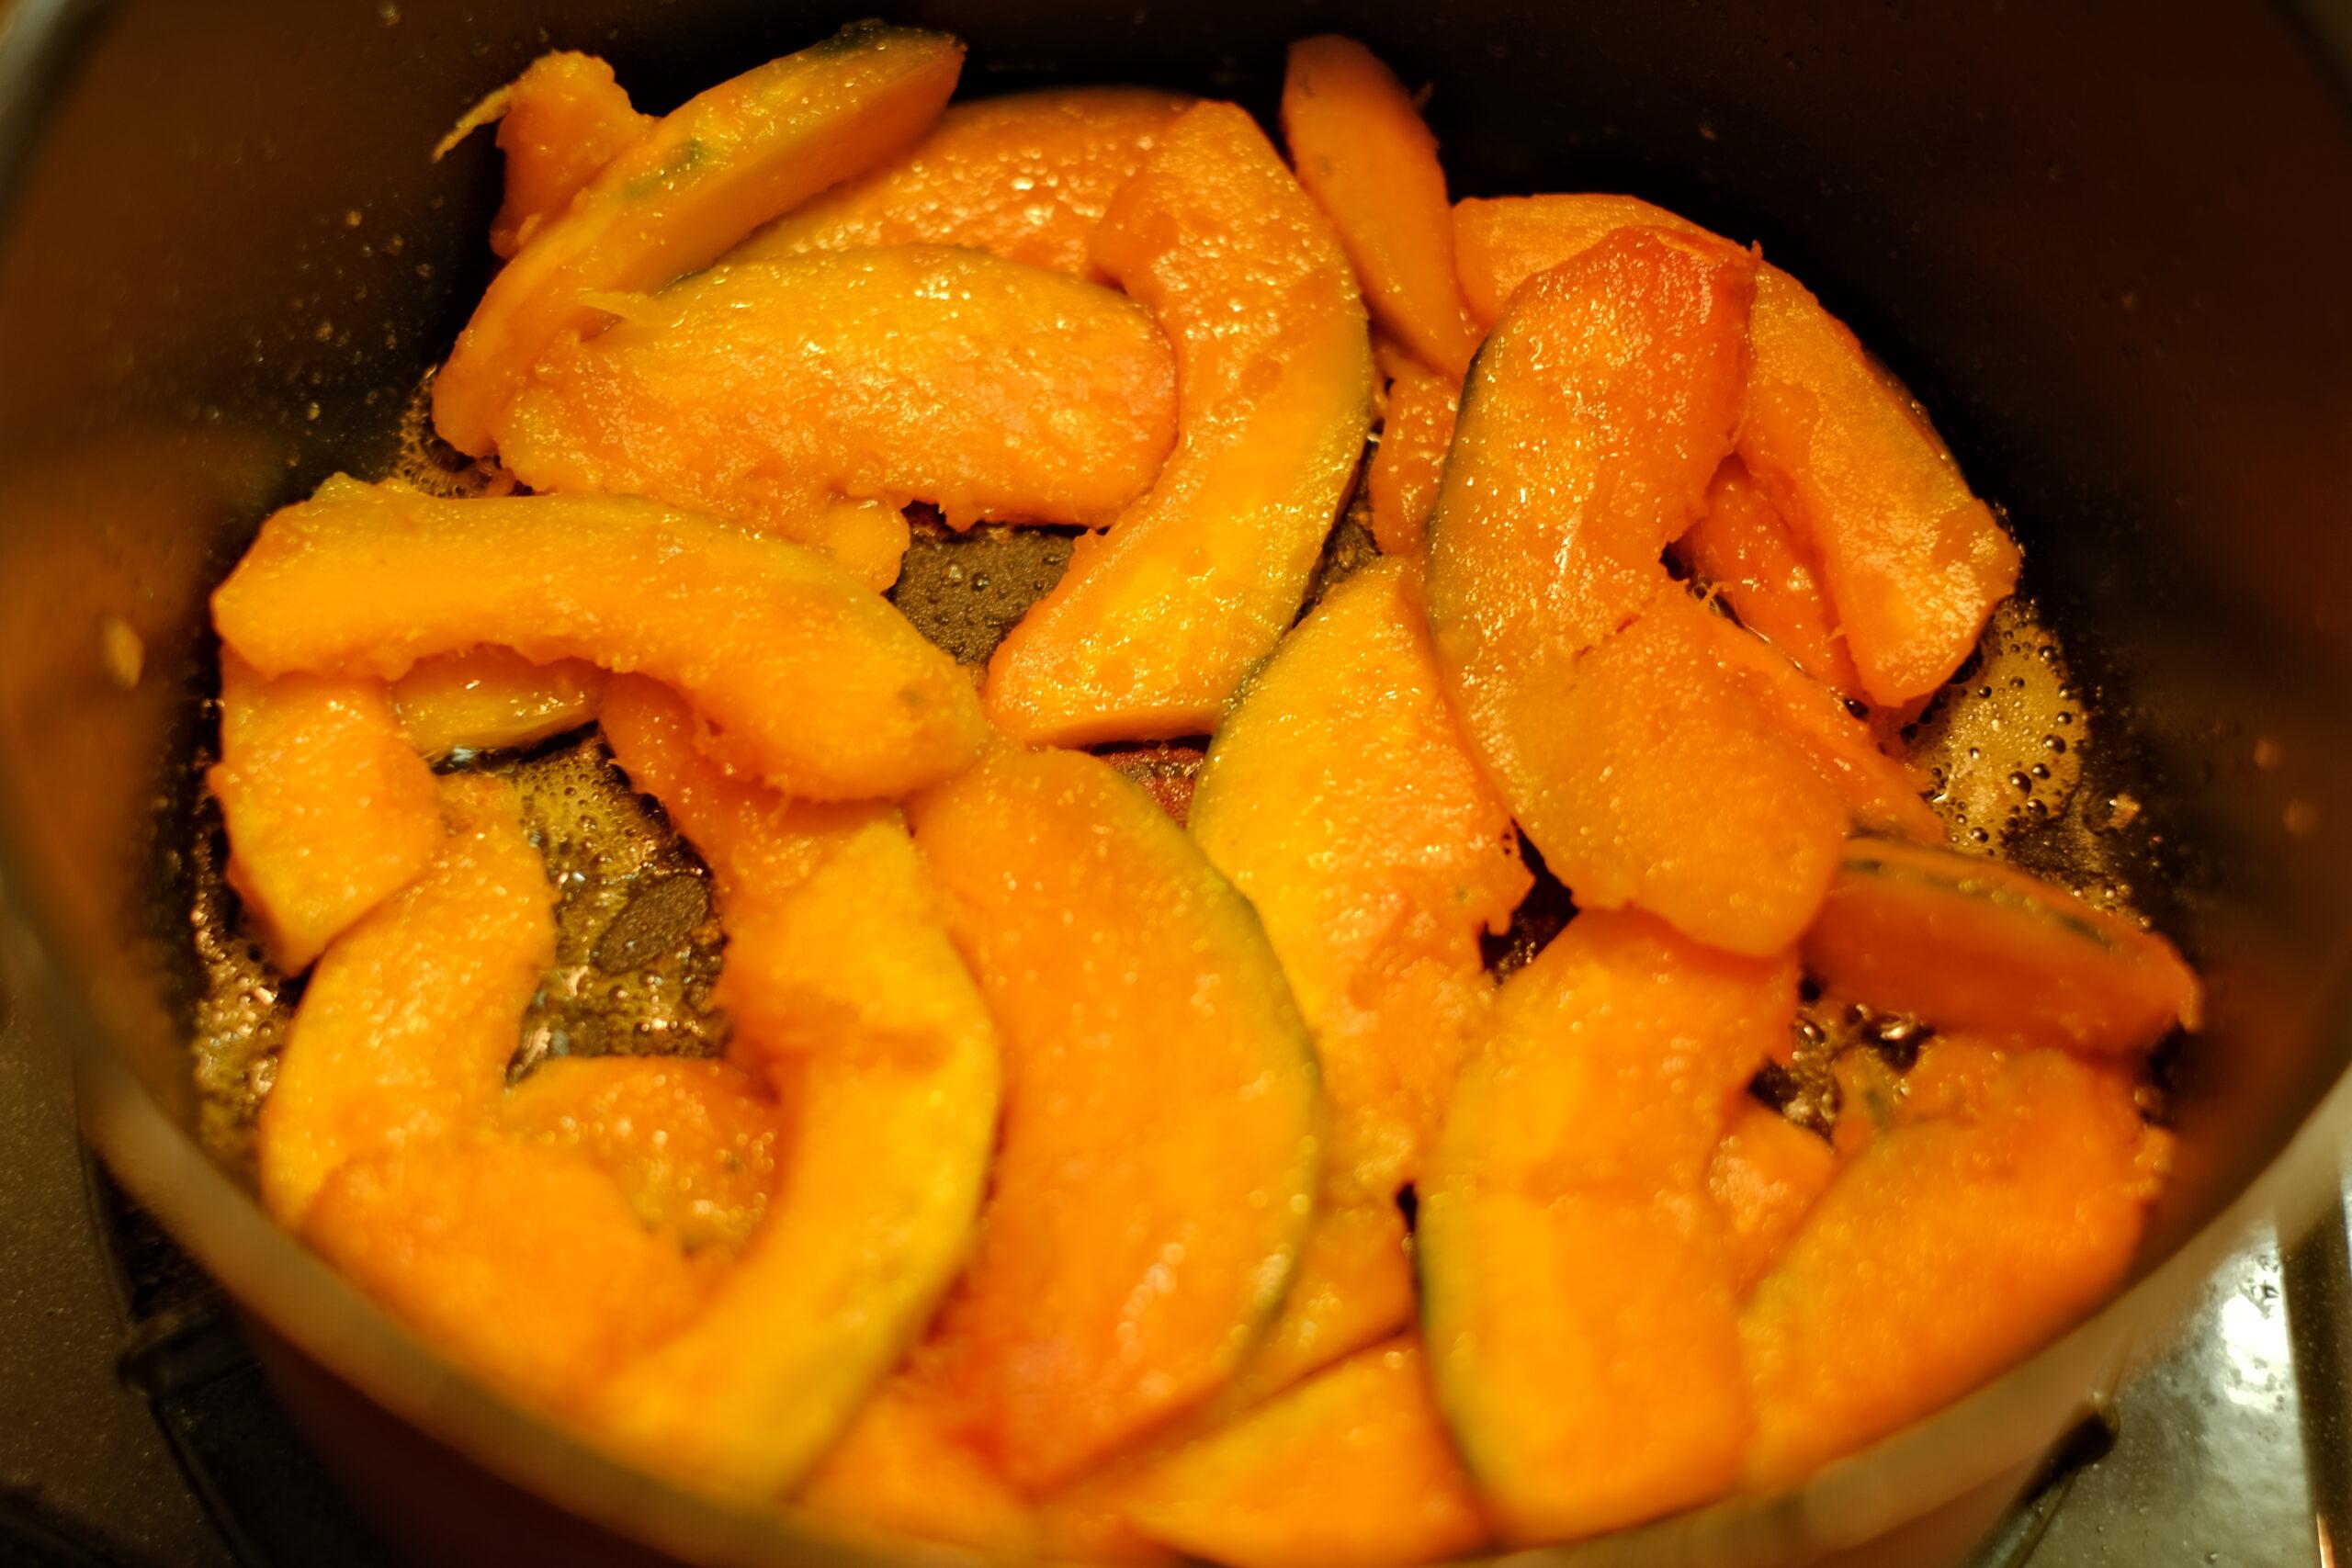 じっくりと炒めたかぼちゃの画像です。